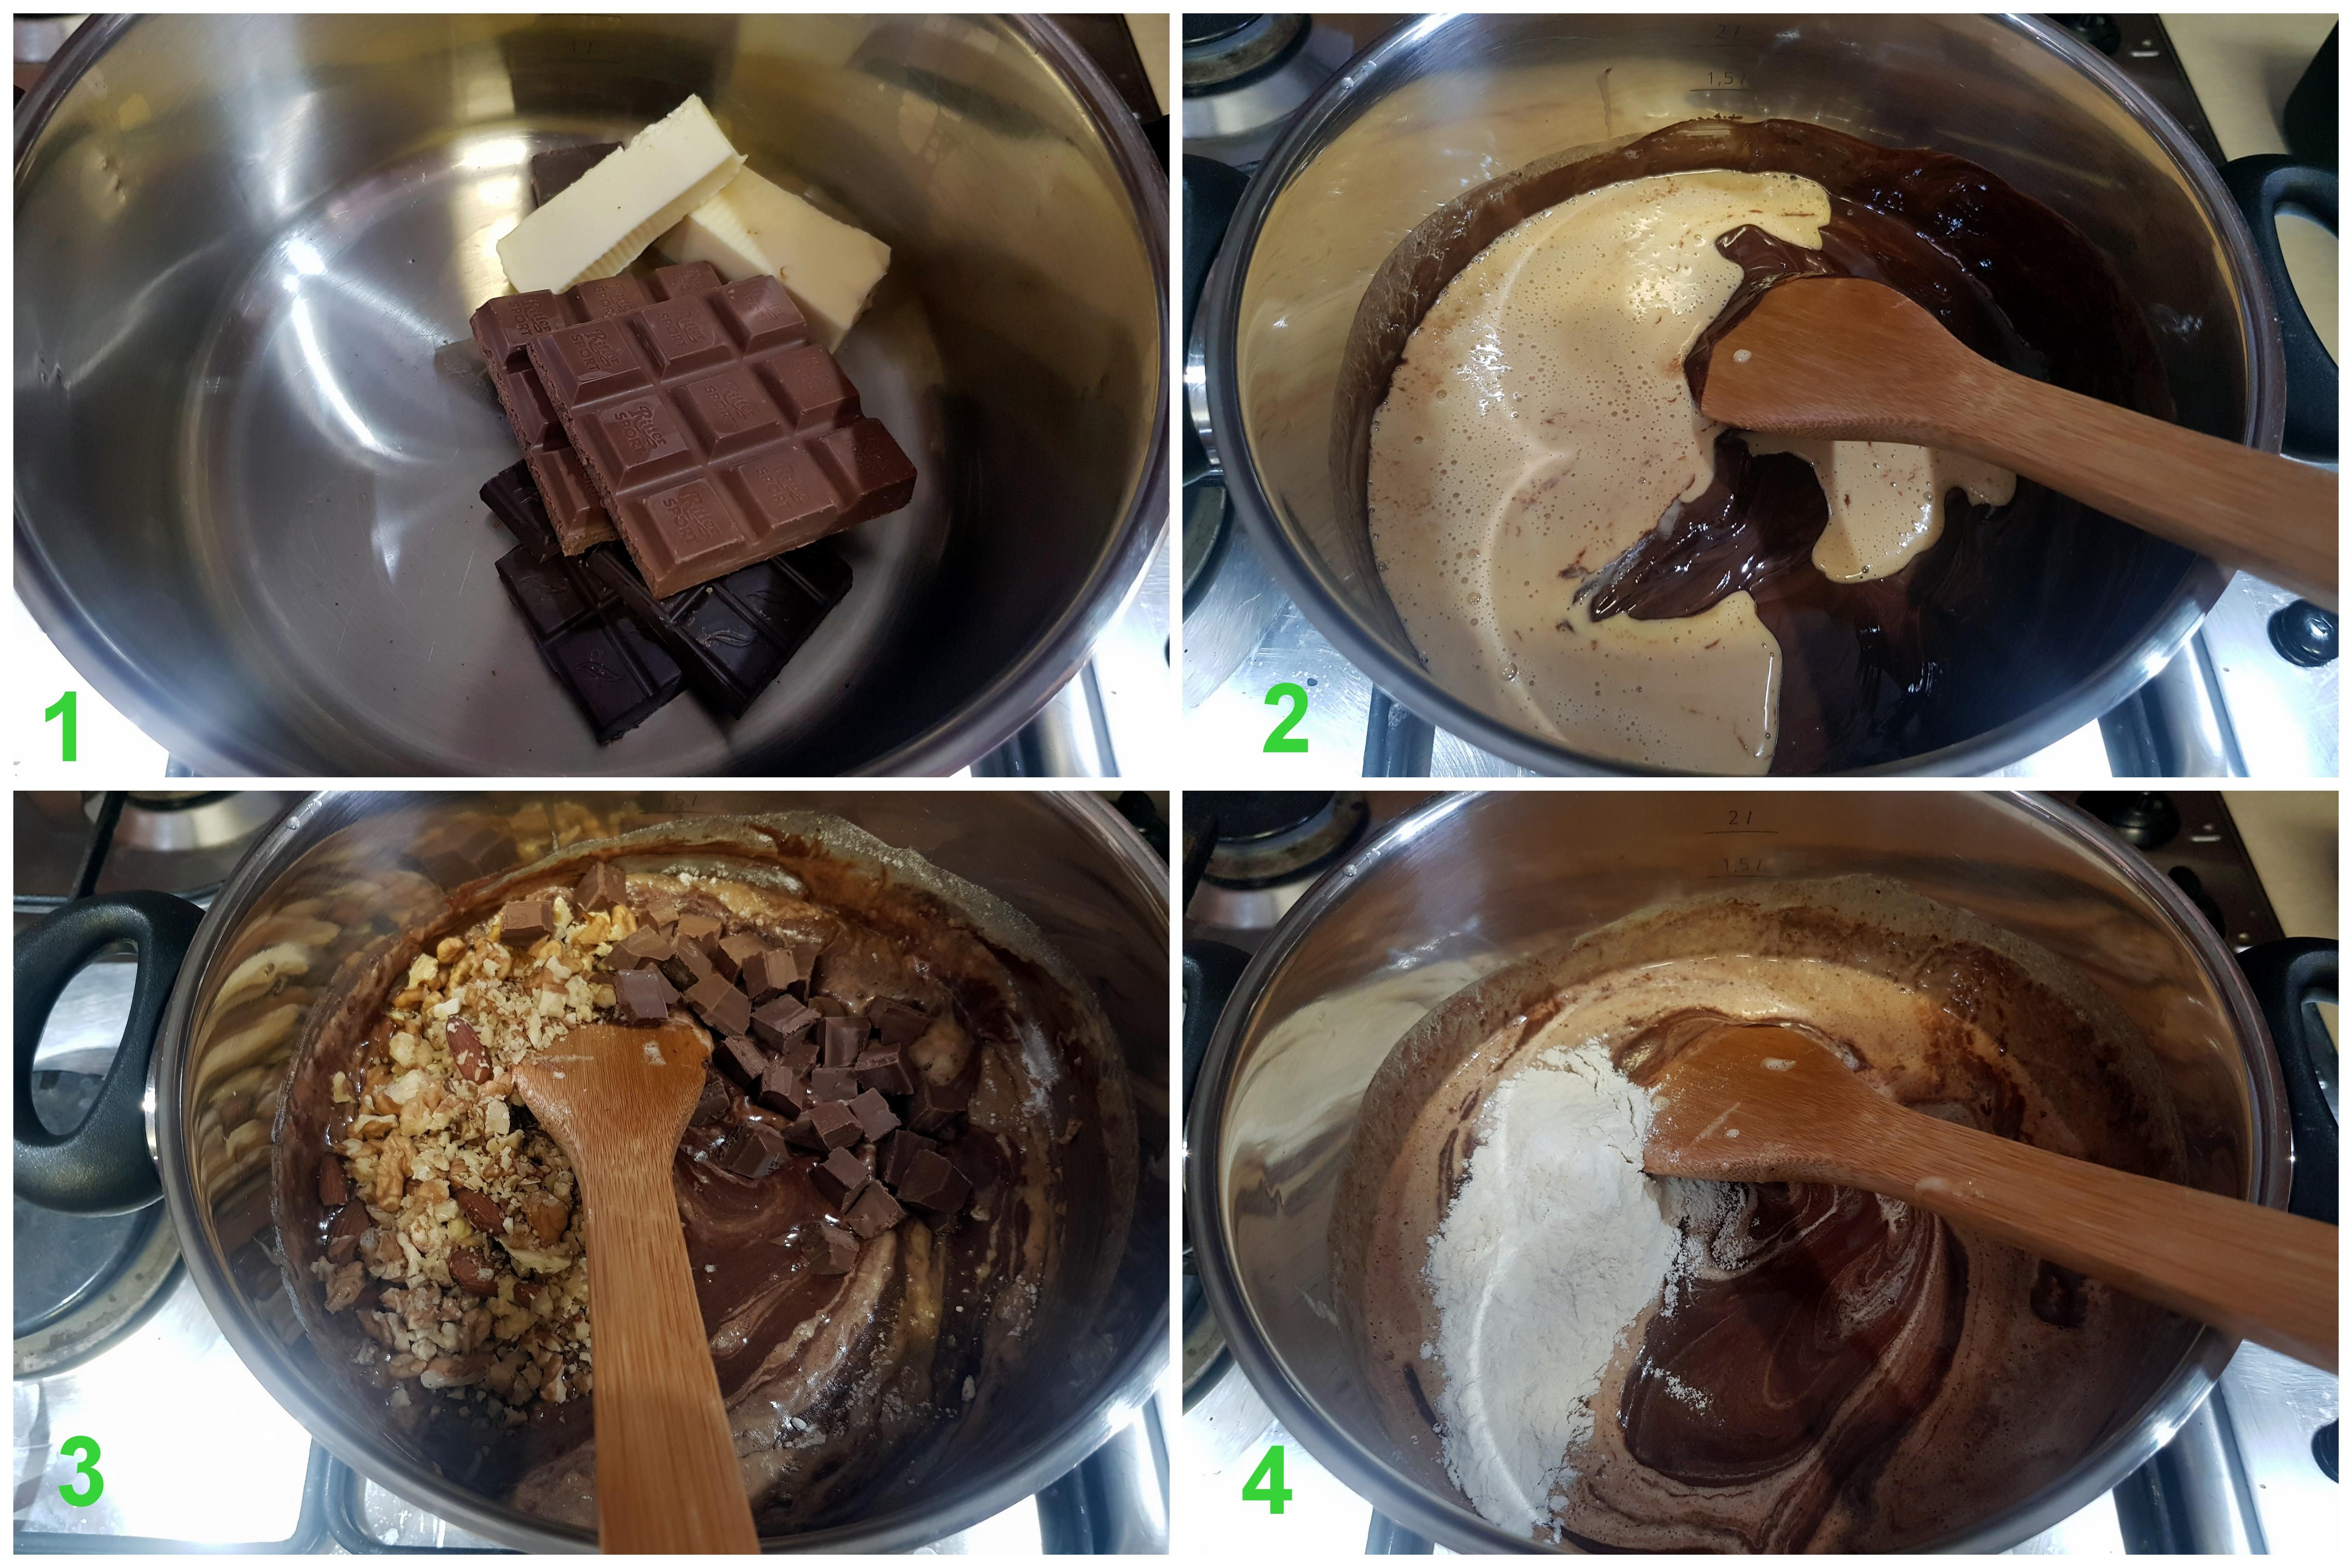 čokoládové lupienky s čokoládou